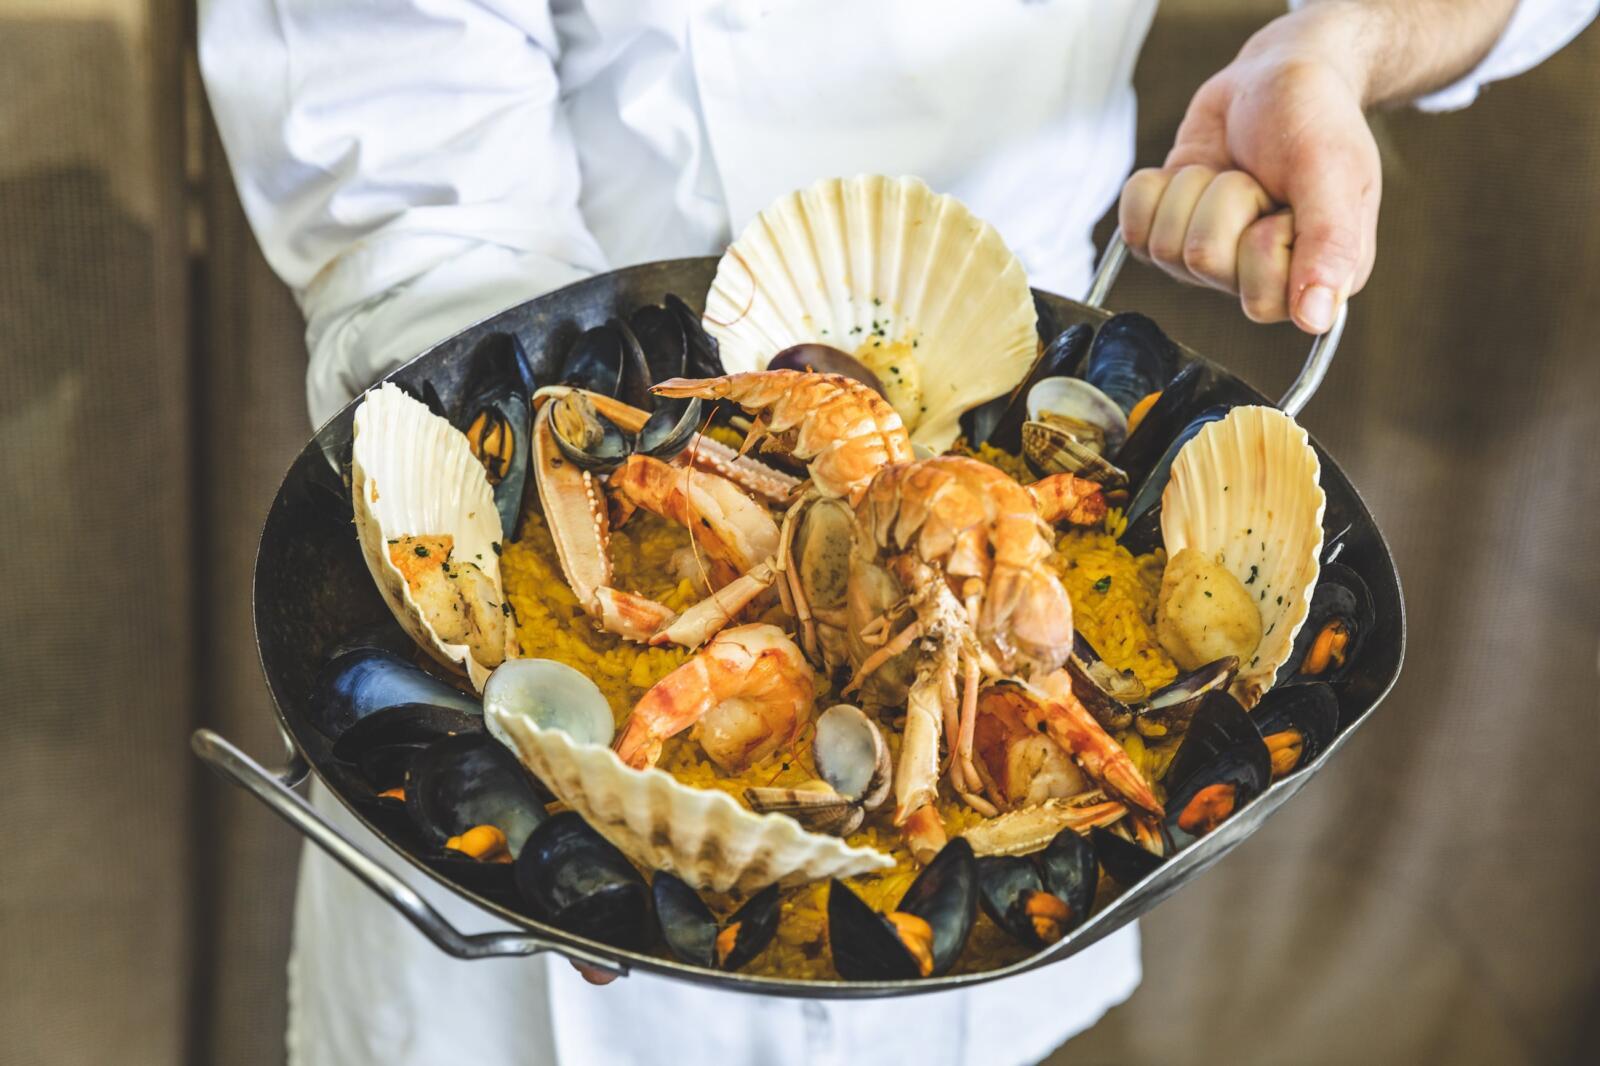 Seafood paella at Magda's restaurant